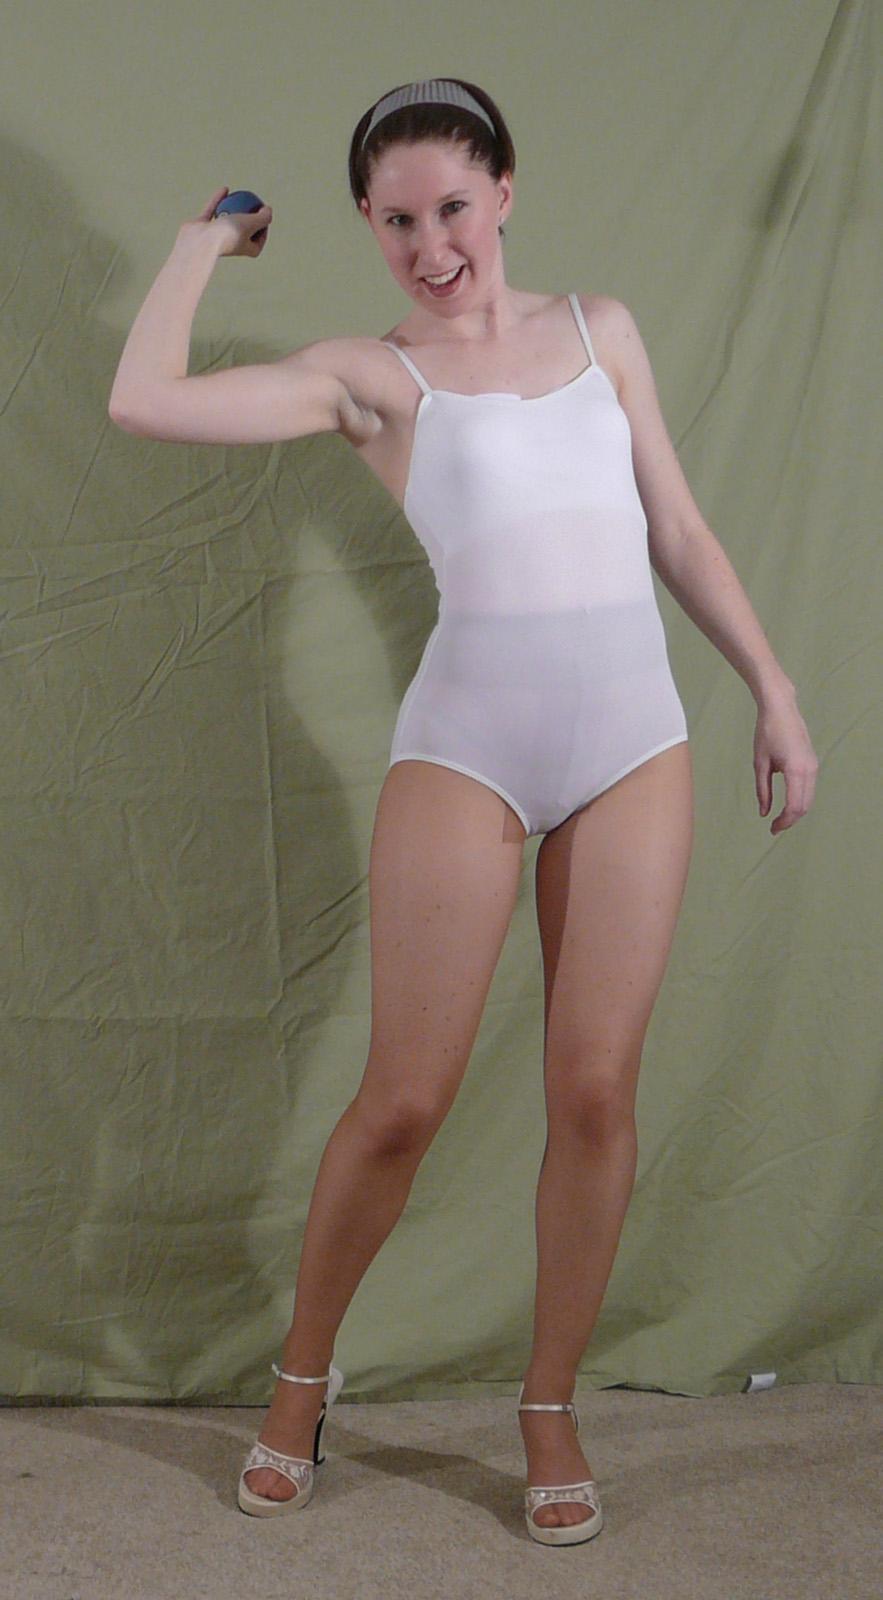 Sailor Pose 86 by SenshiStock